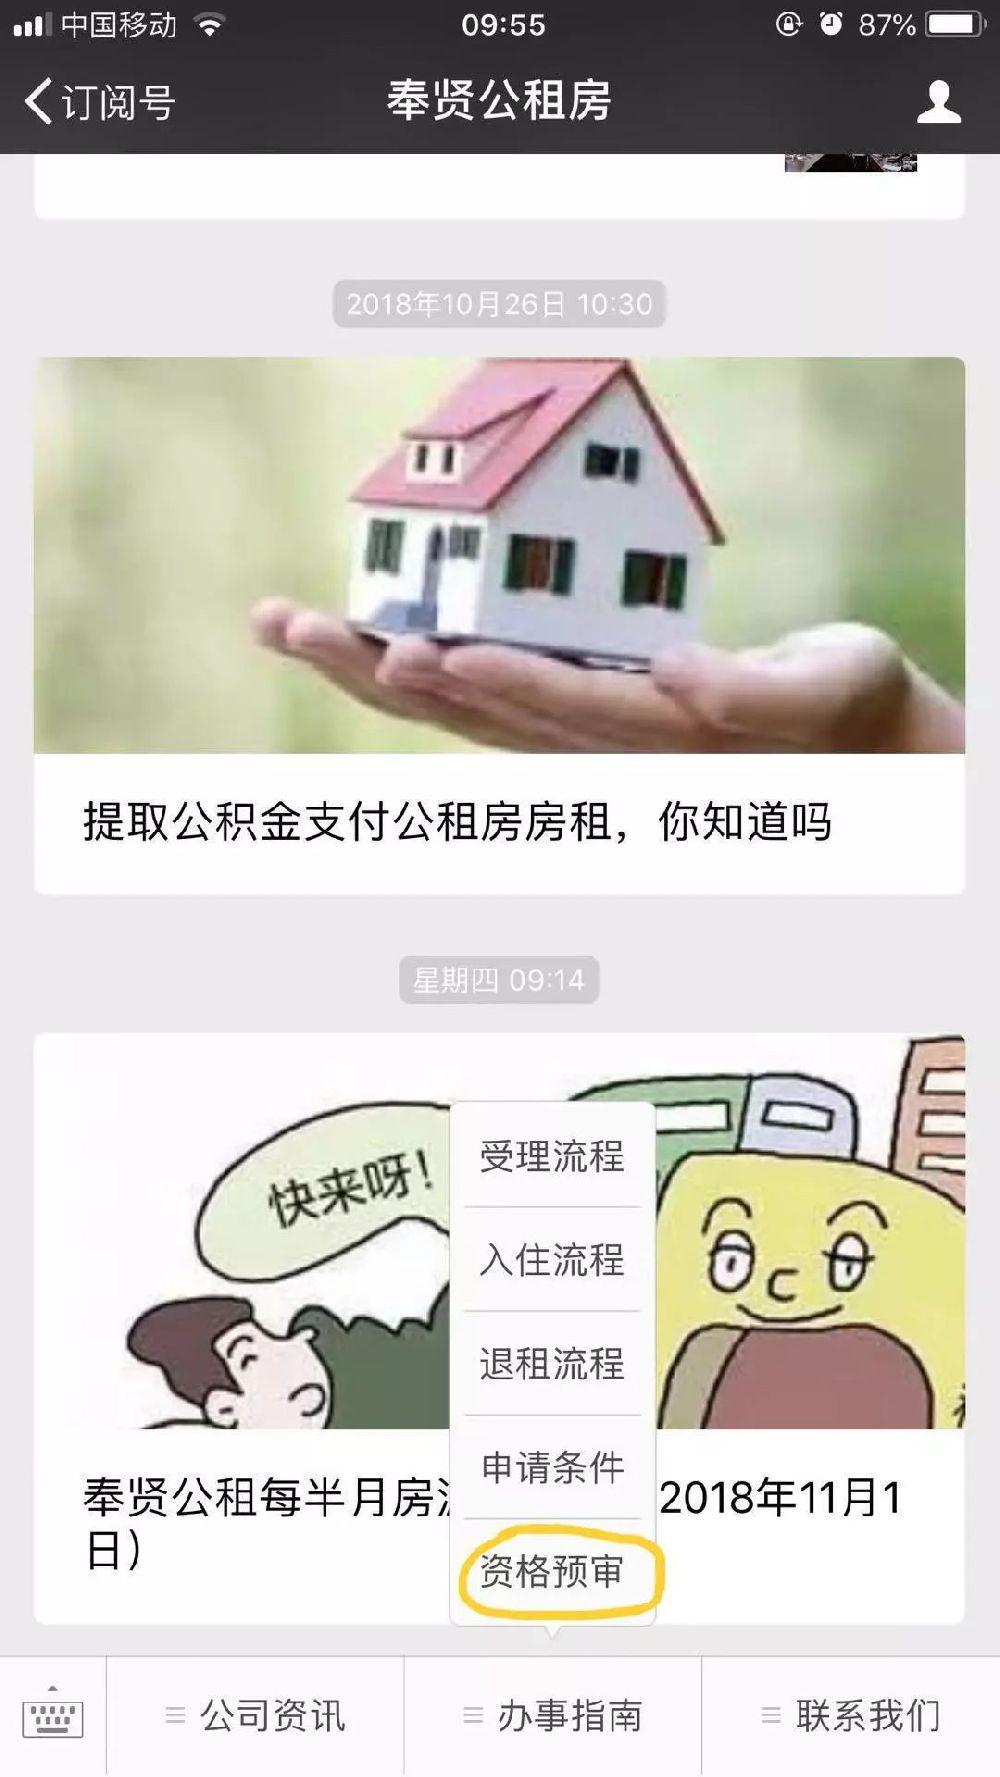 上海奉贤公租预审平台上线申请只需跑一次 操作流程一览